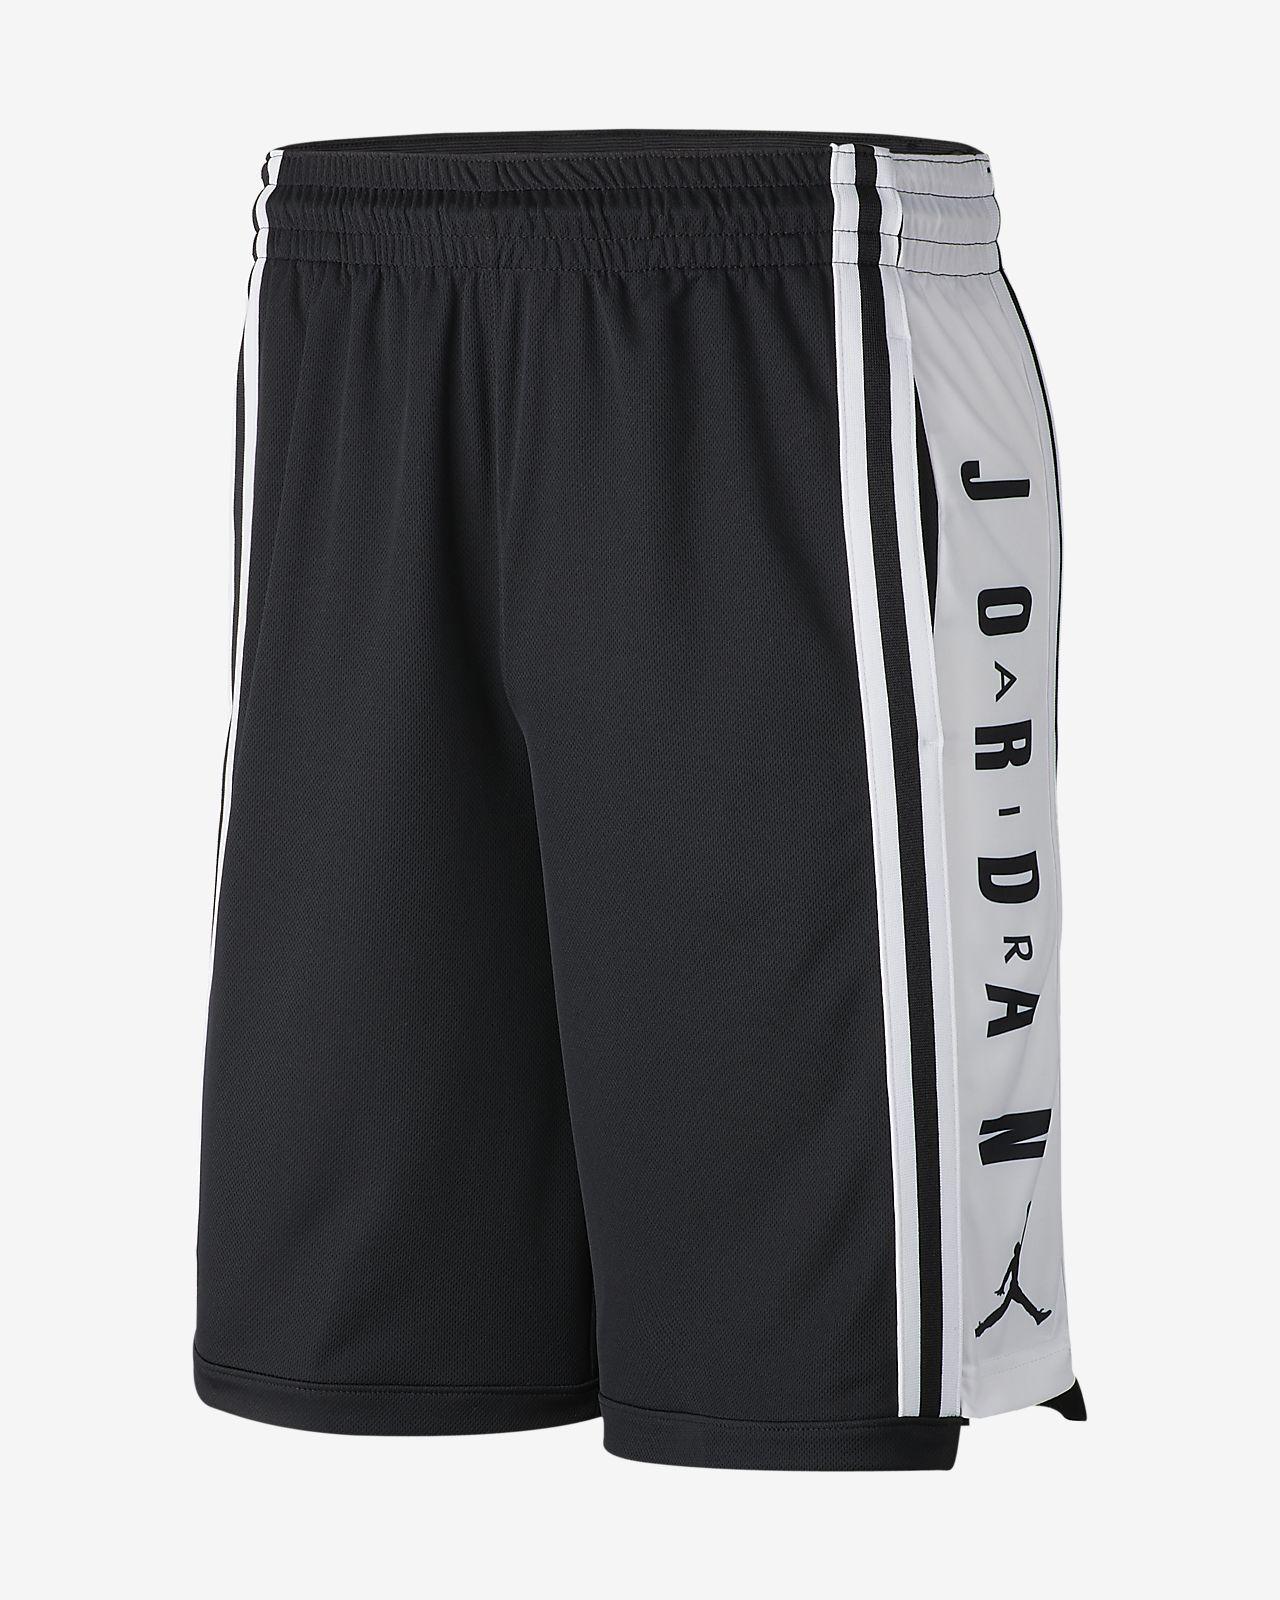 Jordan - basketballshorts til mænd